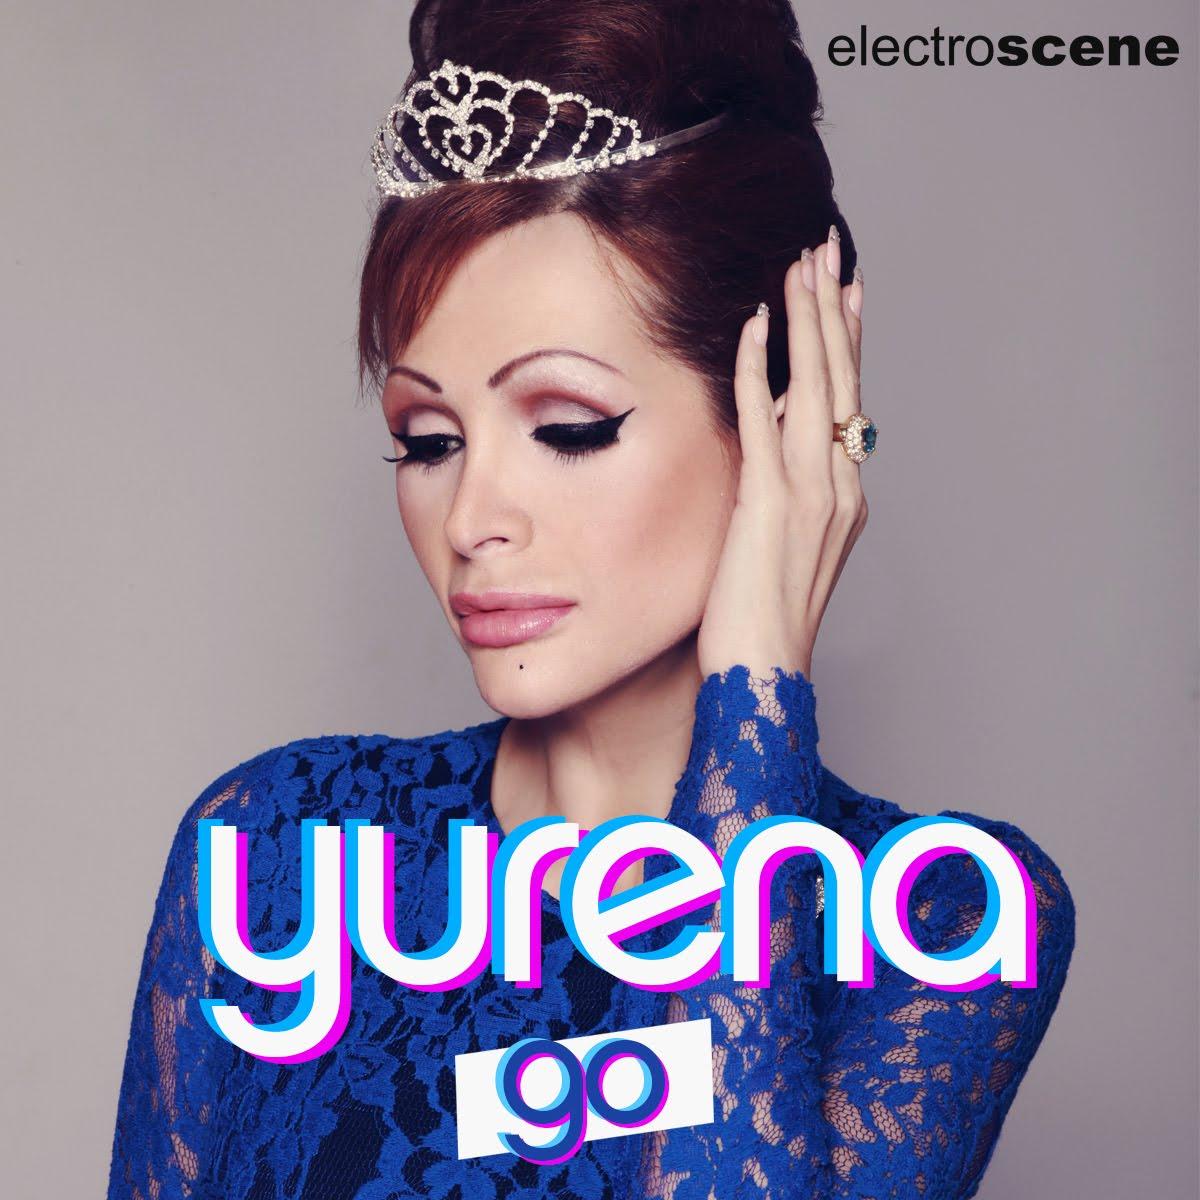 http://2.bp.blogspot.com/-JNV2L4oH_Ro/UN2ZupiM0gI/AAAAAAAANHs/O54MncZQ5WE/s1600/yurena.jpg